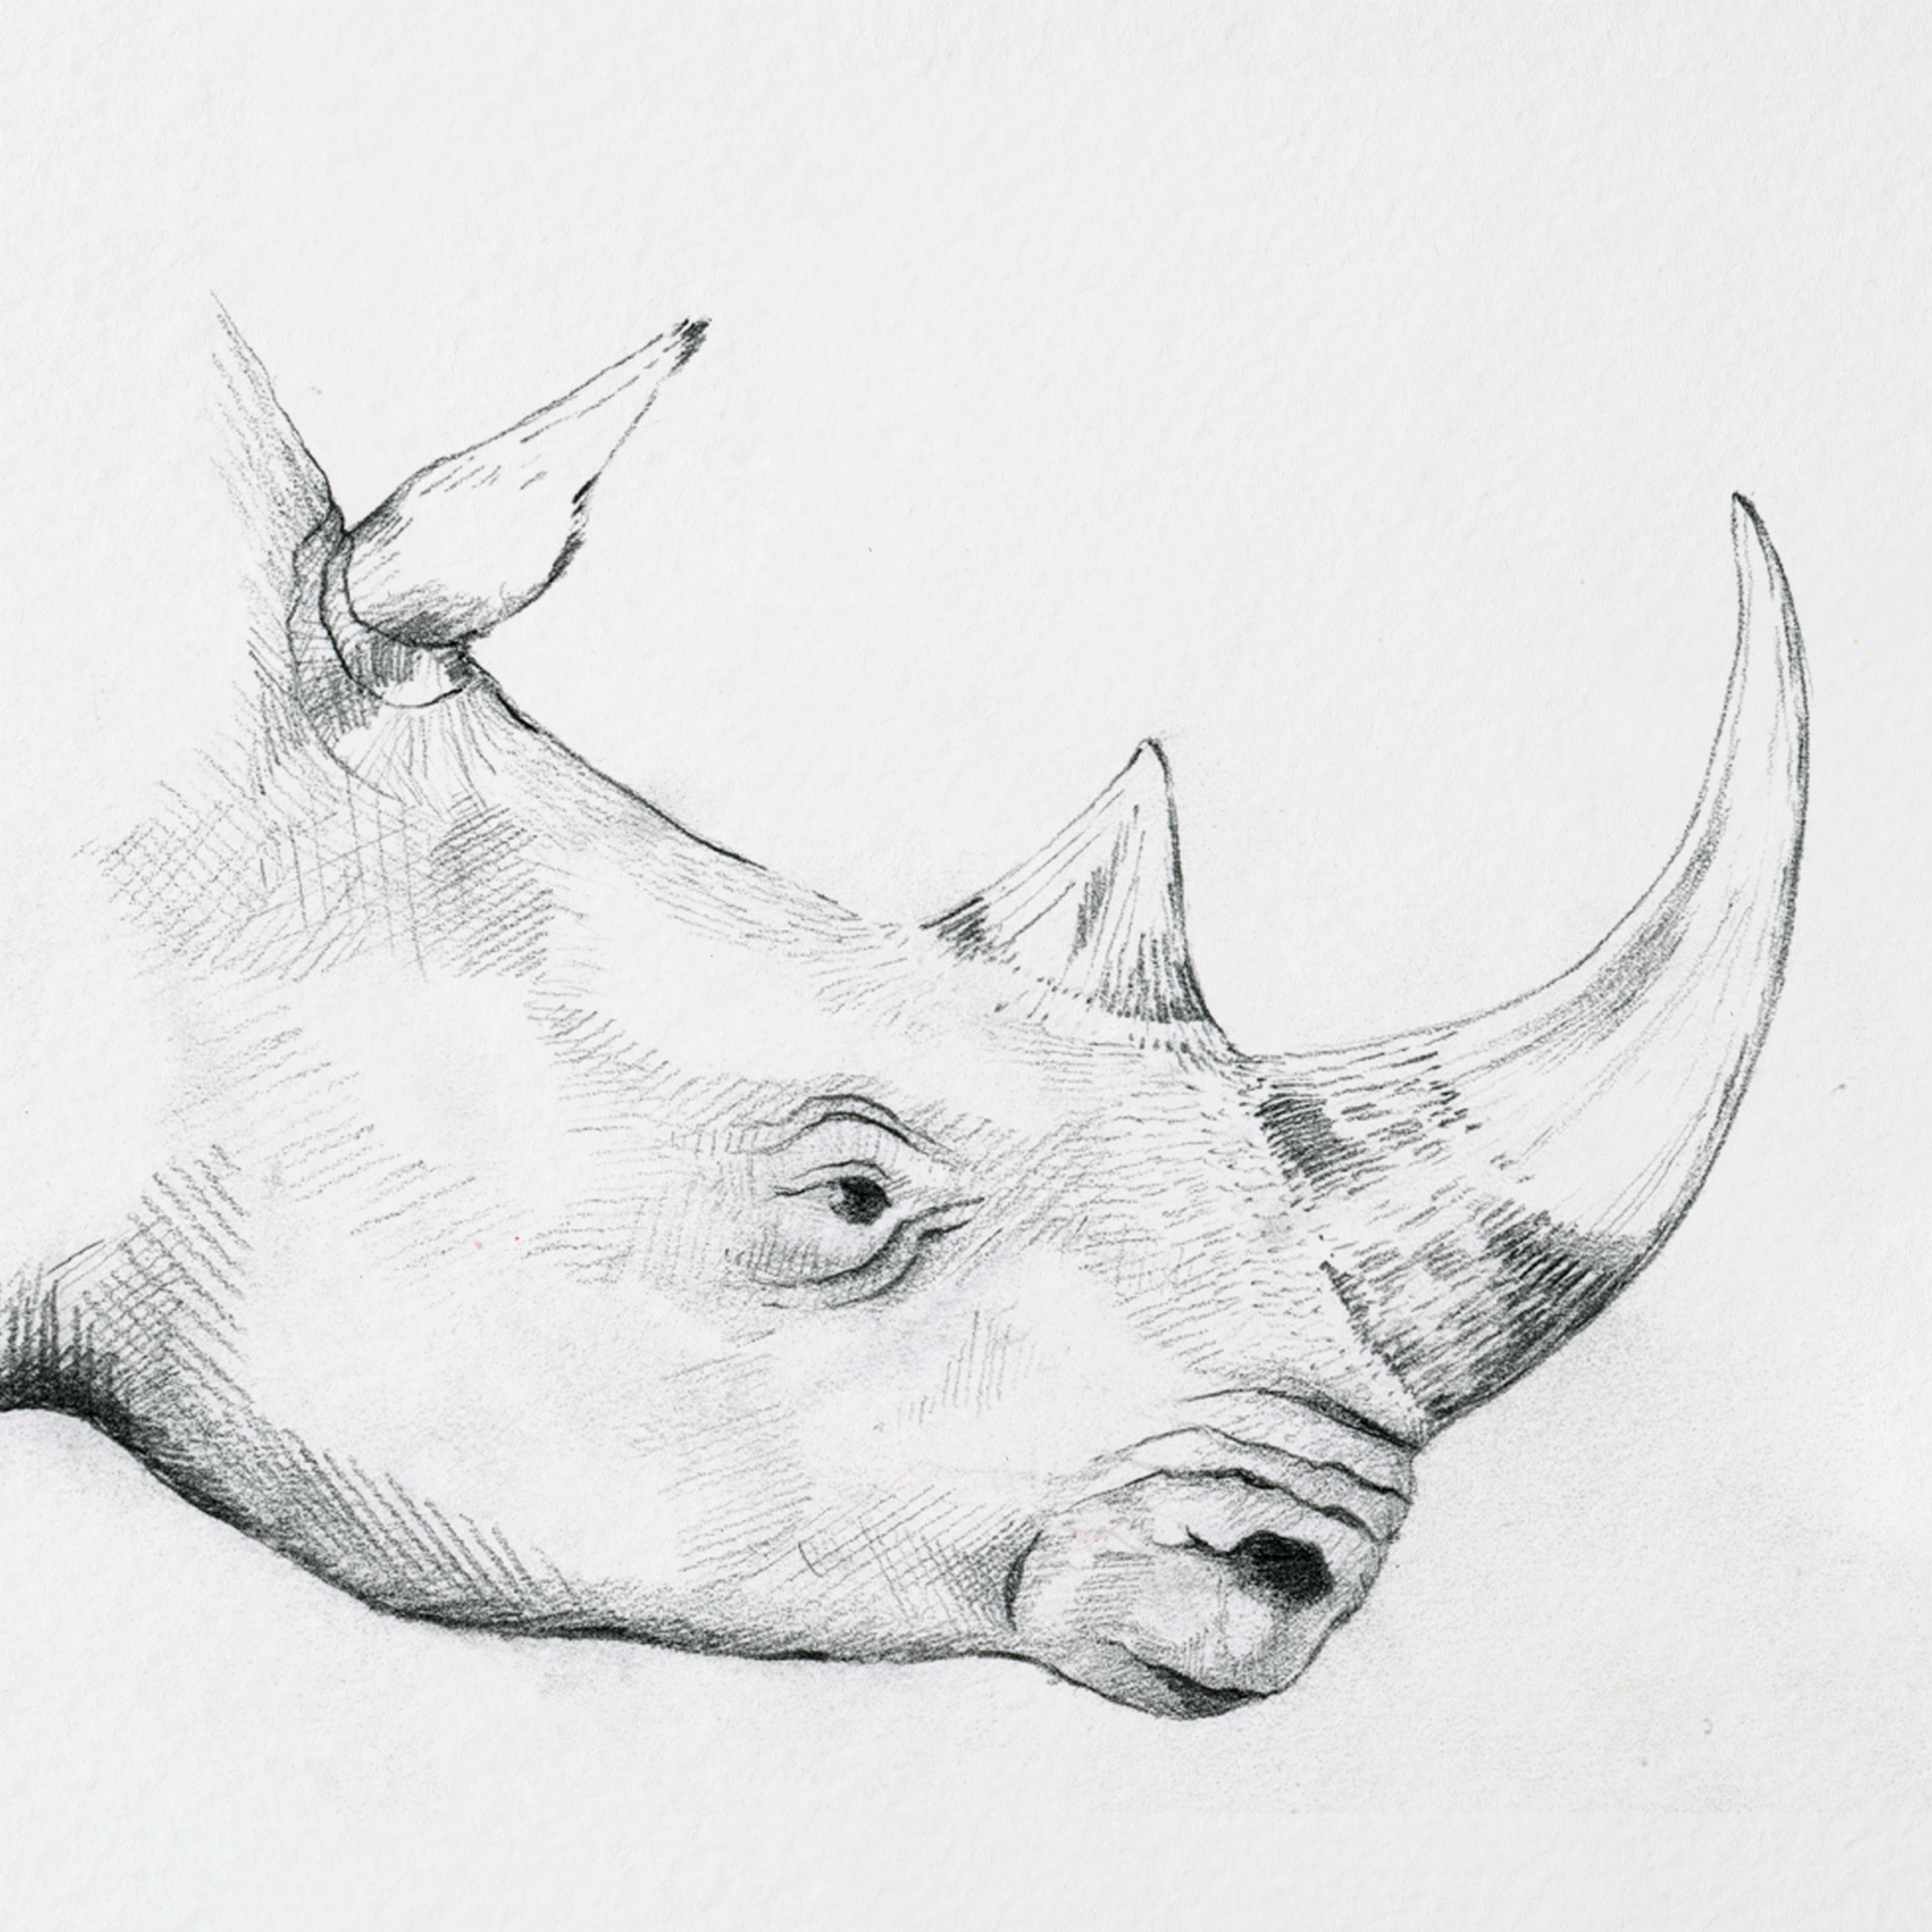 rhino_back2.png